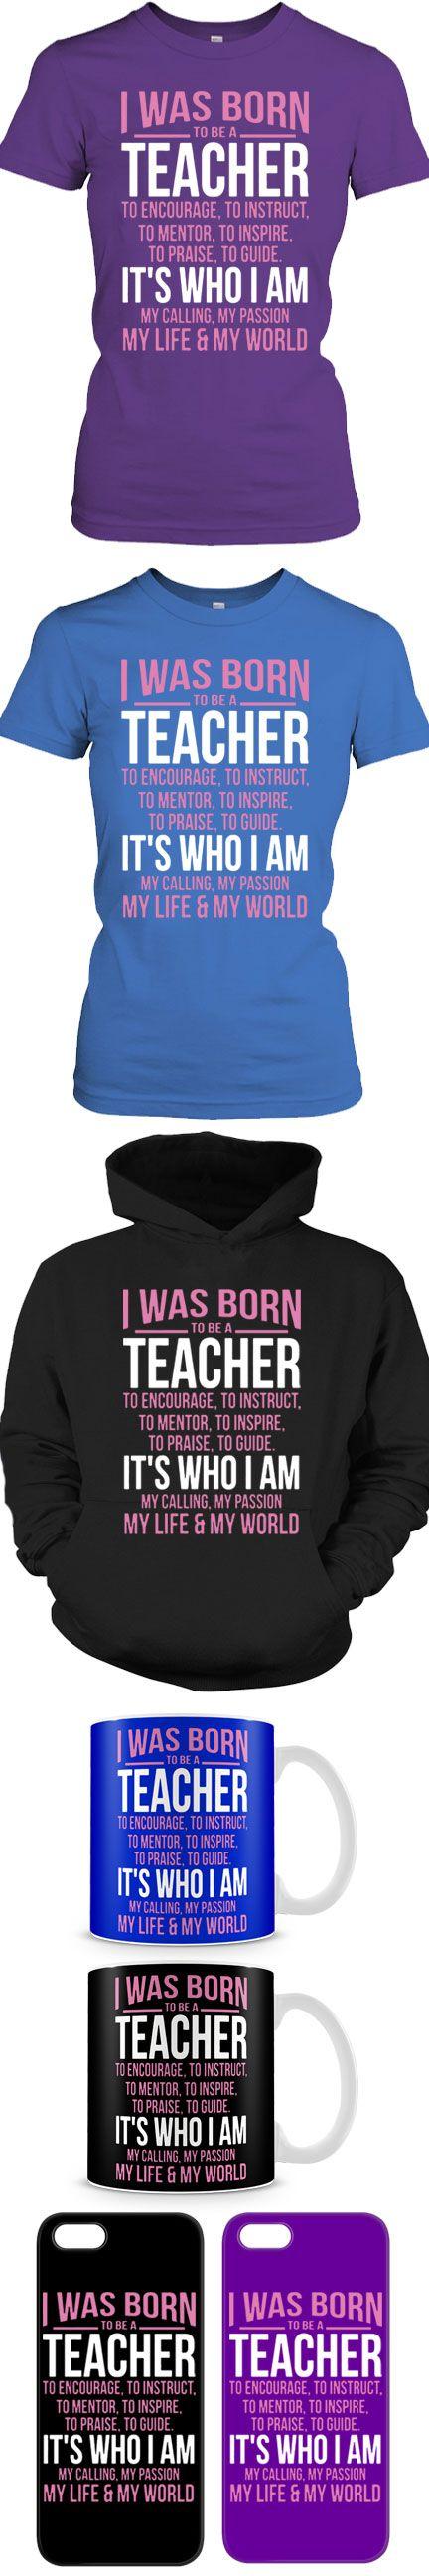 best kindergarten teacher quotes teacher quotes 17 best kindergarten teacher quotes teacher quotes teacher inspiration and teacher appreciation quotes